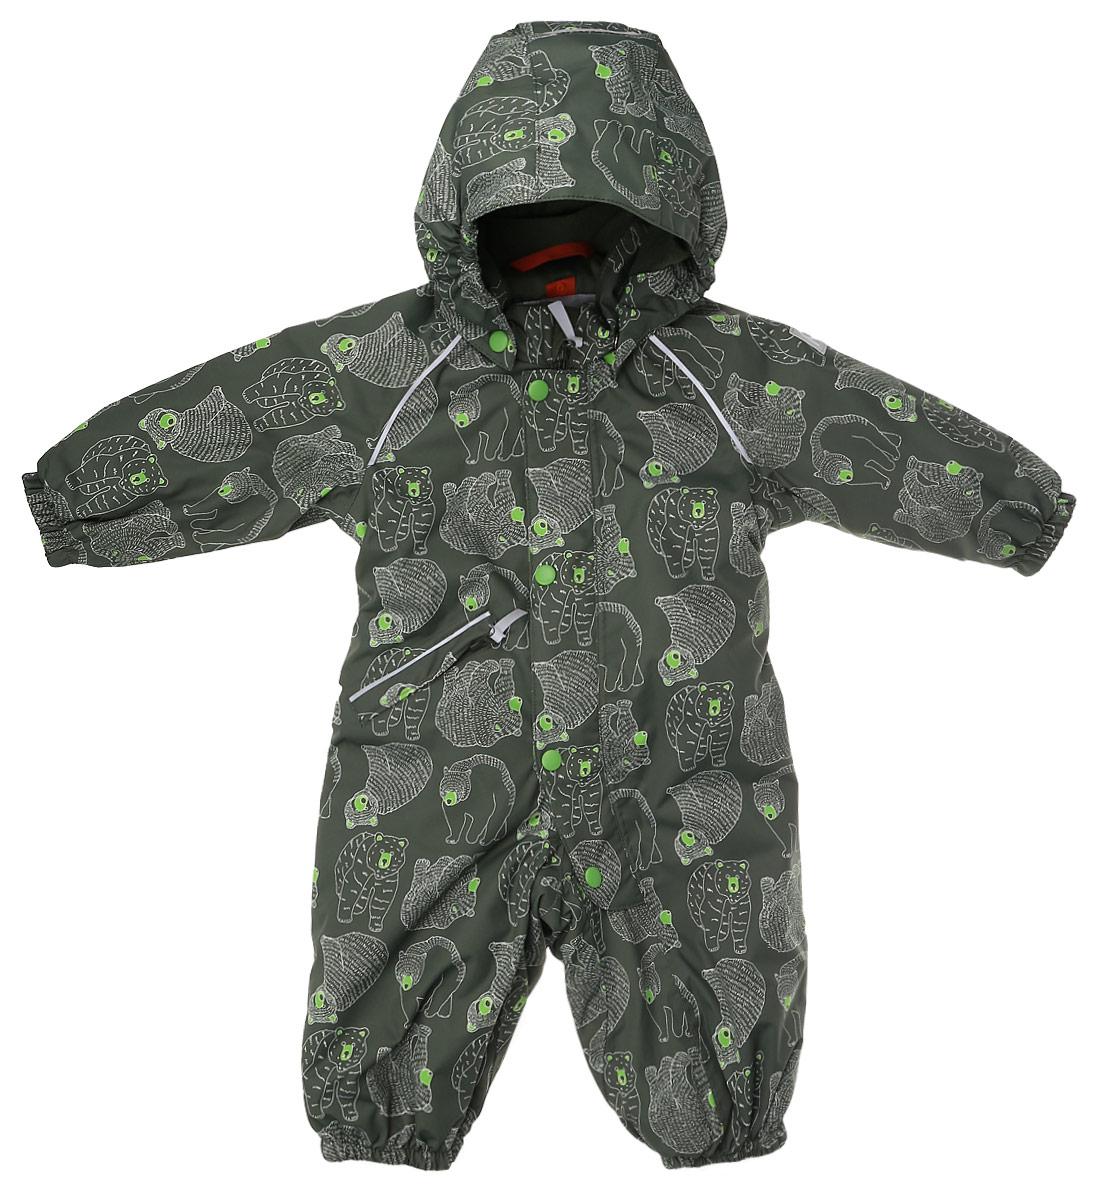 Комбинезон детский Reima Reimatec Bjorn, цвет: зеленый. 510229B-8916. Размер 74510229B-8916Детский комбинезон Reima Reimatec Bjorn со средней степенью утепления займет достойное место в гардеробе ребенка. Комбинезон изготовлен из водонепроницаемой и ветрозащитной мембранной ткани с утеплителем из синтепона (160 г). Благодаря специальной обработке полиуретаном поверхность изделия отталкивает грязь и воду, что облегчает поддержание аккуратного вида одежды. Дышащий материал хорошо пропускает воздух, обеспечивая комфорт при носке. Съемный регулируемый капюшон не только защитит в ветреный день, но и обеспечит безопасность во время игр на свежем воздухе. Комбинезонзастегивается на пластиковую молнию с защитой подбородка и дополнительно имеет ветрозащитную планку. С помощью удобной системы кнопок Play Layers® к нему можно присоединять одежду промежуточного слоя Reima®. В холодные дни промежуточный слой подарит вашему ребенку дополнительное тепло и комфорт. Спереди модель дополнена прорезным карманом, который застегивается на молнию. Благодаря дополнительно утепленной задней части брюк малыши не замерзнут, катаясь на санках и скользя в снегу. Снизу брючины собраны на эластичные резинки и дополнены съемными штрипками, одевающимися на ступню и не дающие полукомбинезону ползти вверх. Изделие оформлено светоотражающими элементами для безопасности в темное время суток. Комфортный, удобный и практичный комбинезон идеально подойдет для прогулок и игр на свежем воздухе!Температурный режим от 0°С до -20°С.